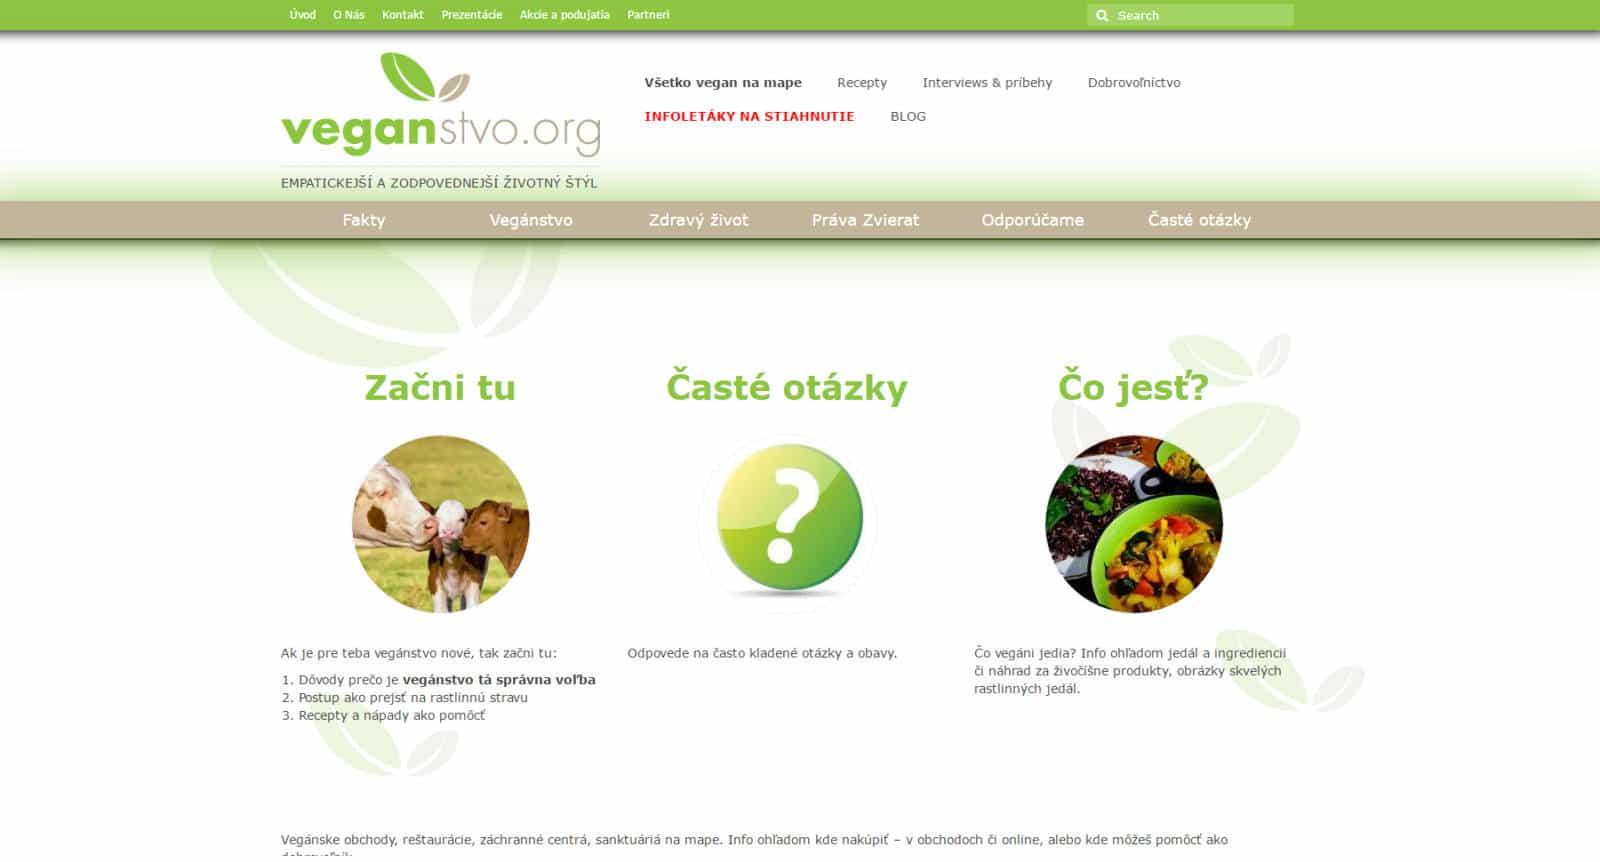 Veganstvo.org